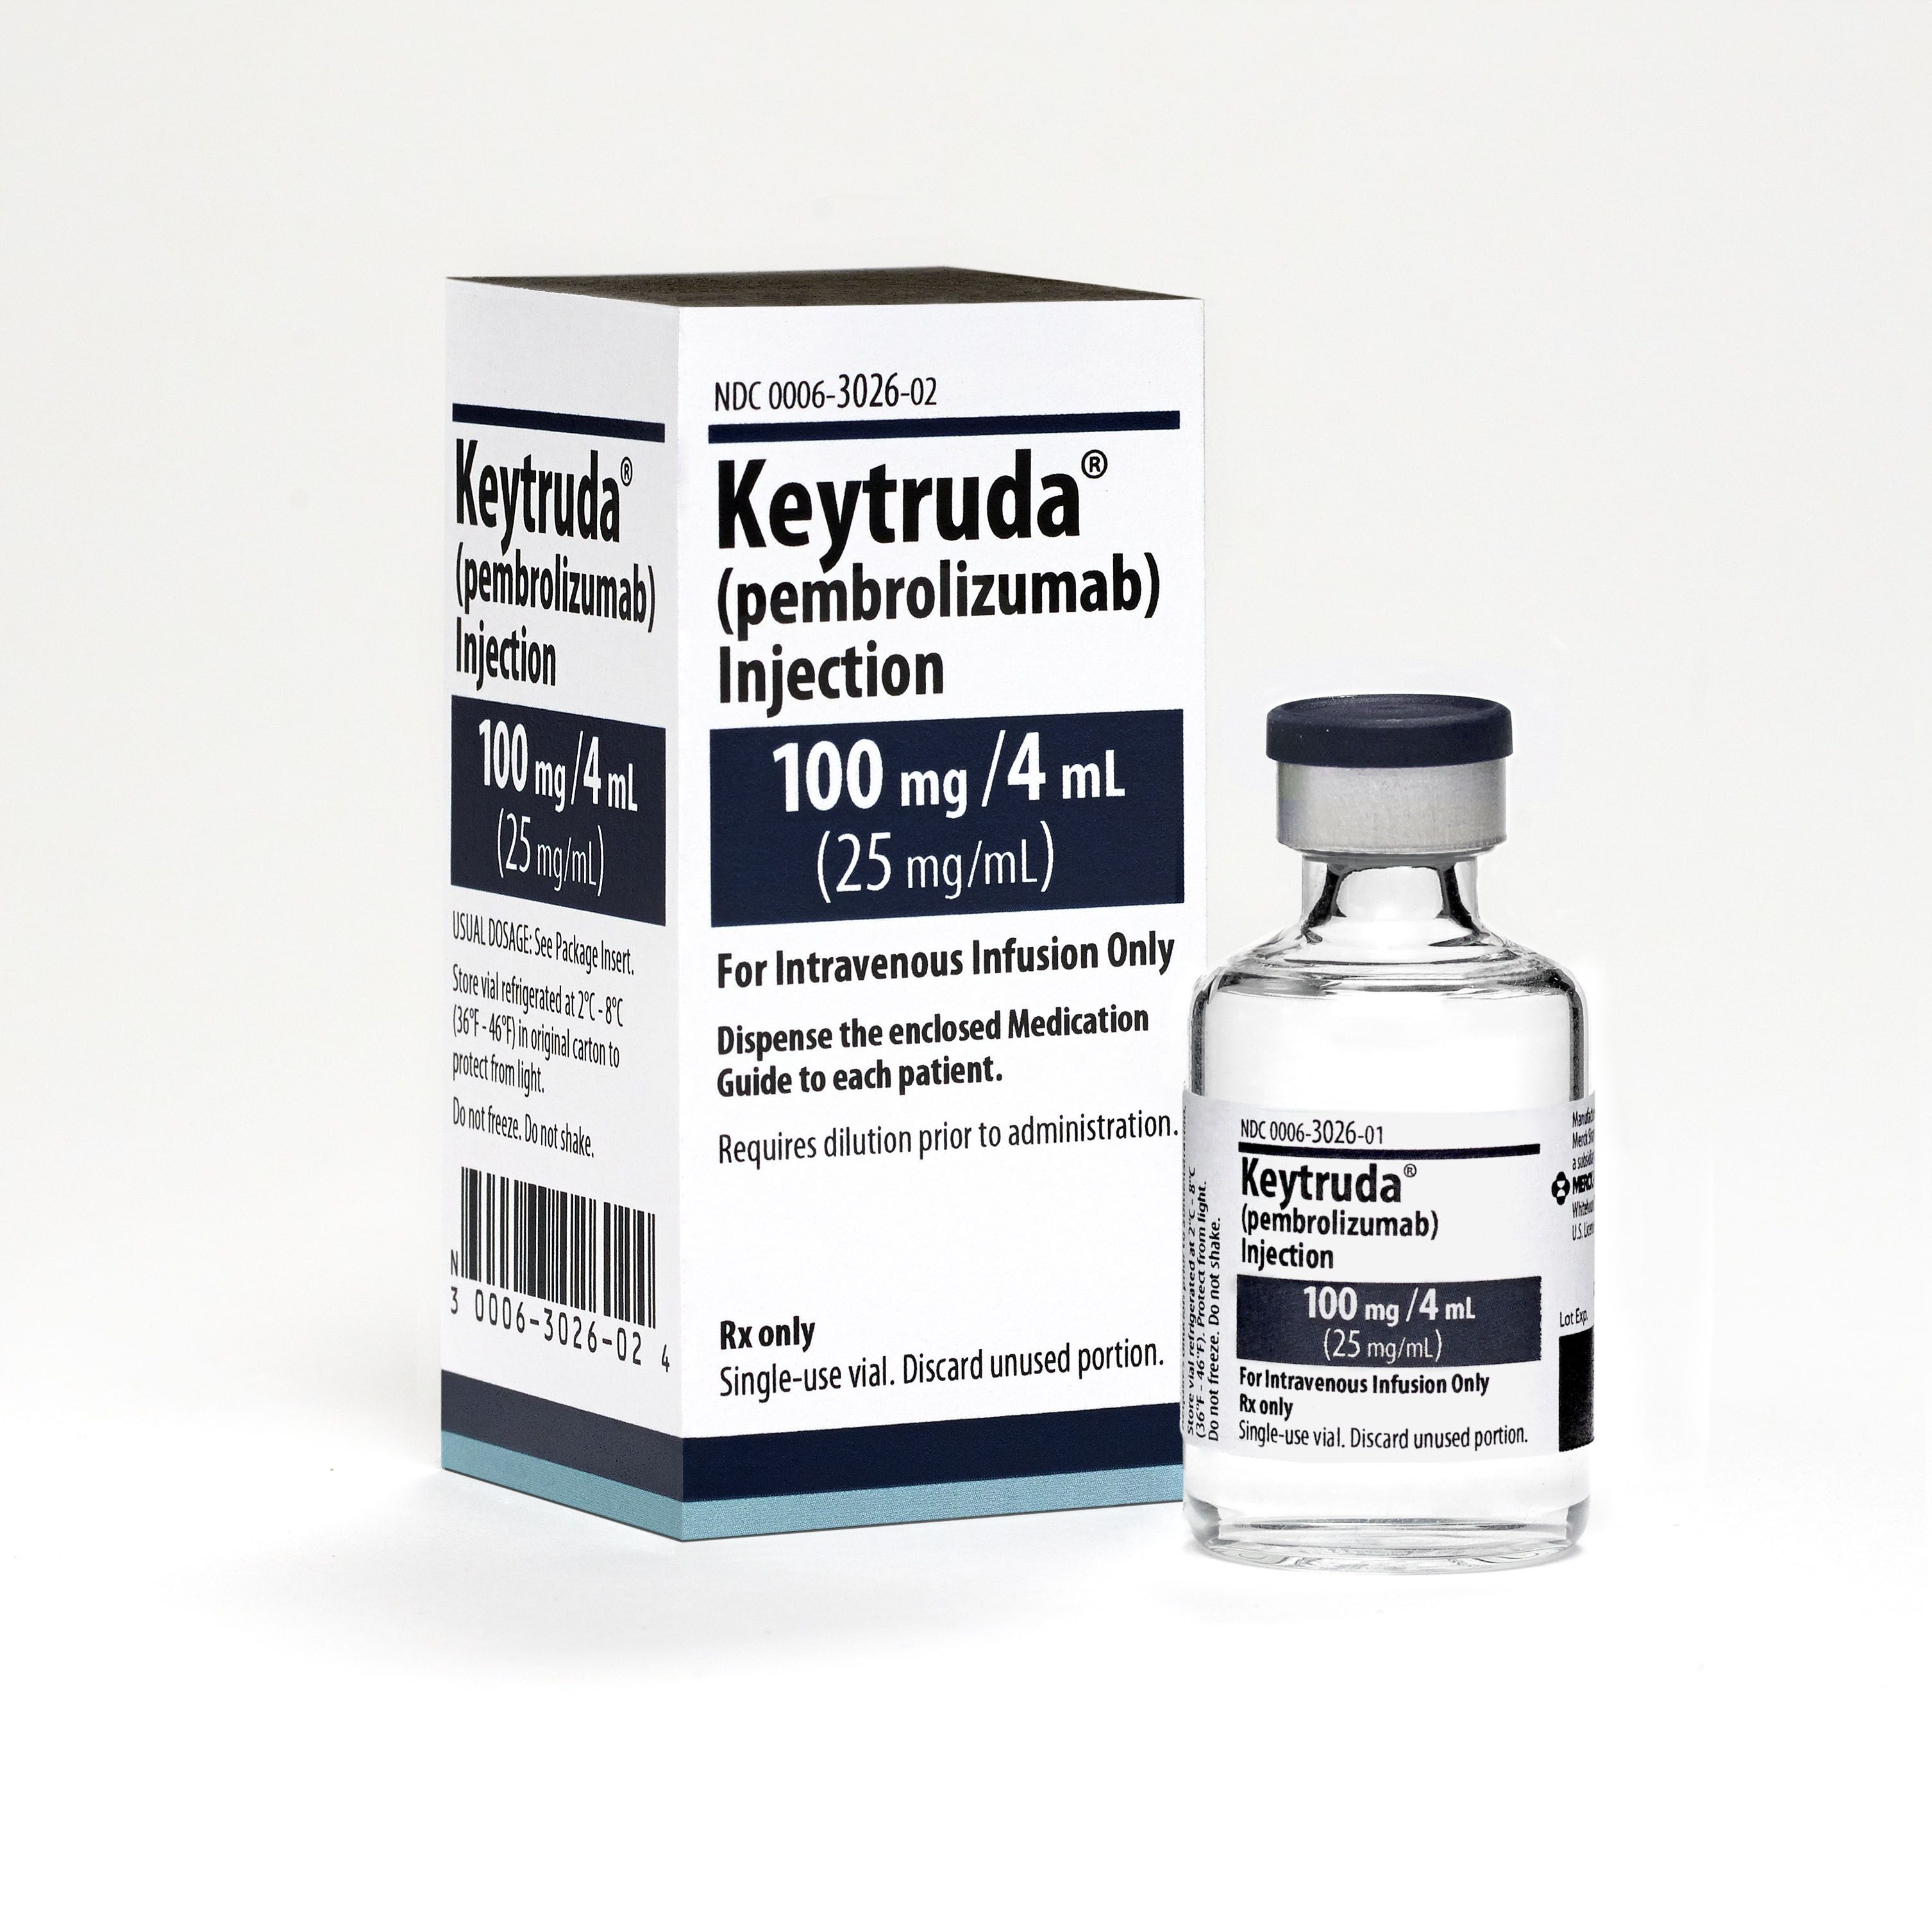 EU regulators reject new use for Opdivo, as Keytruda edges